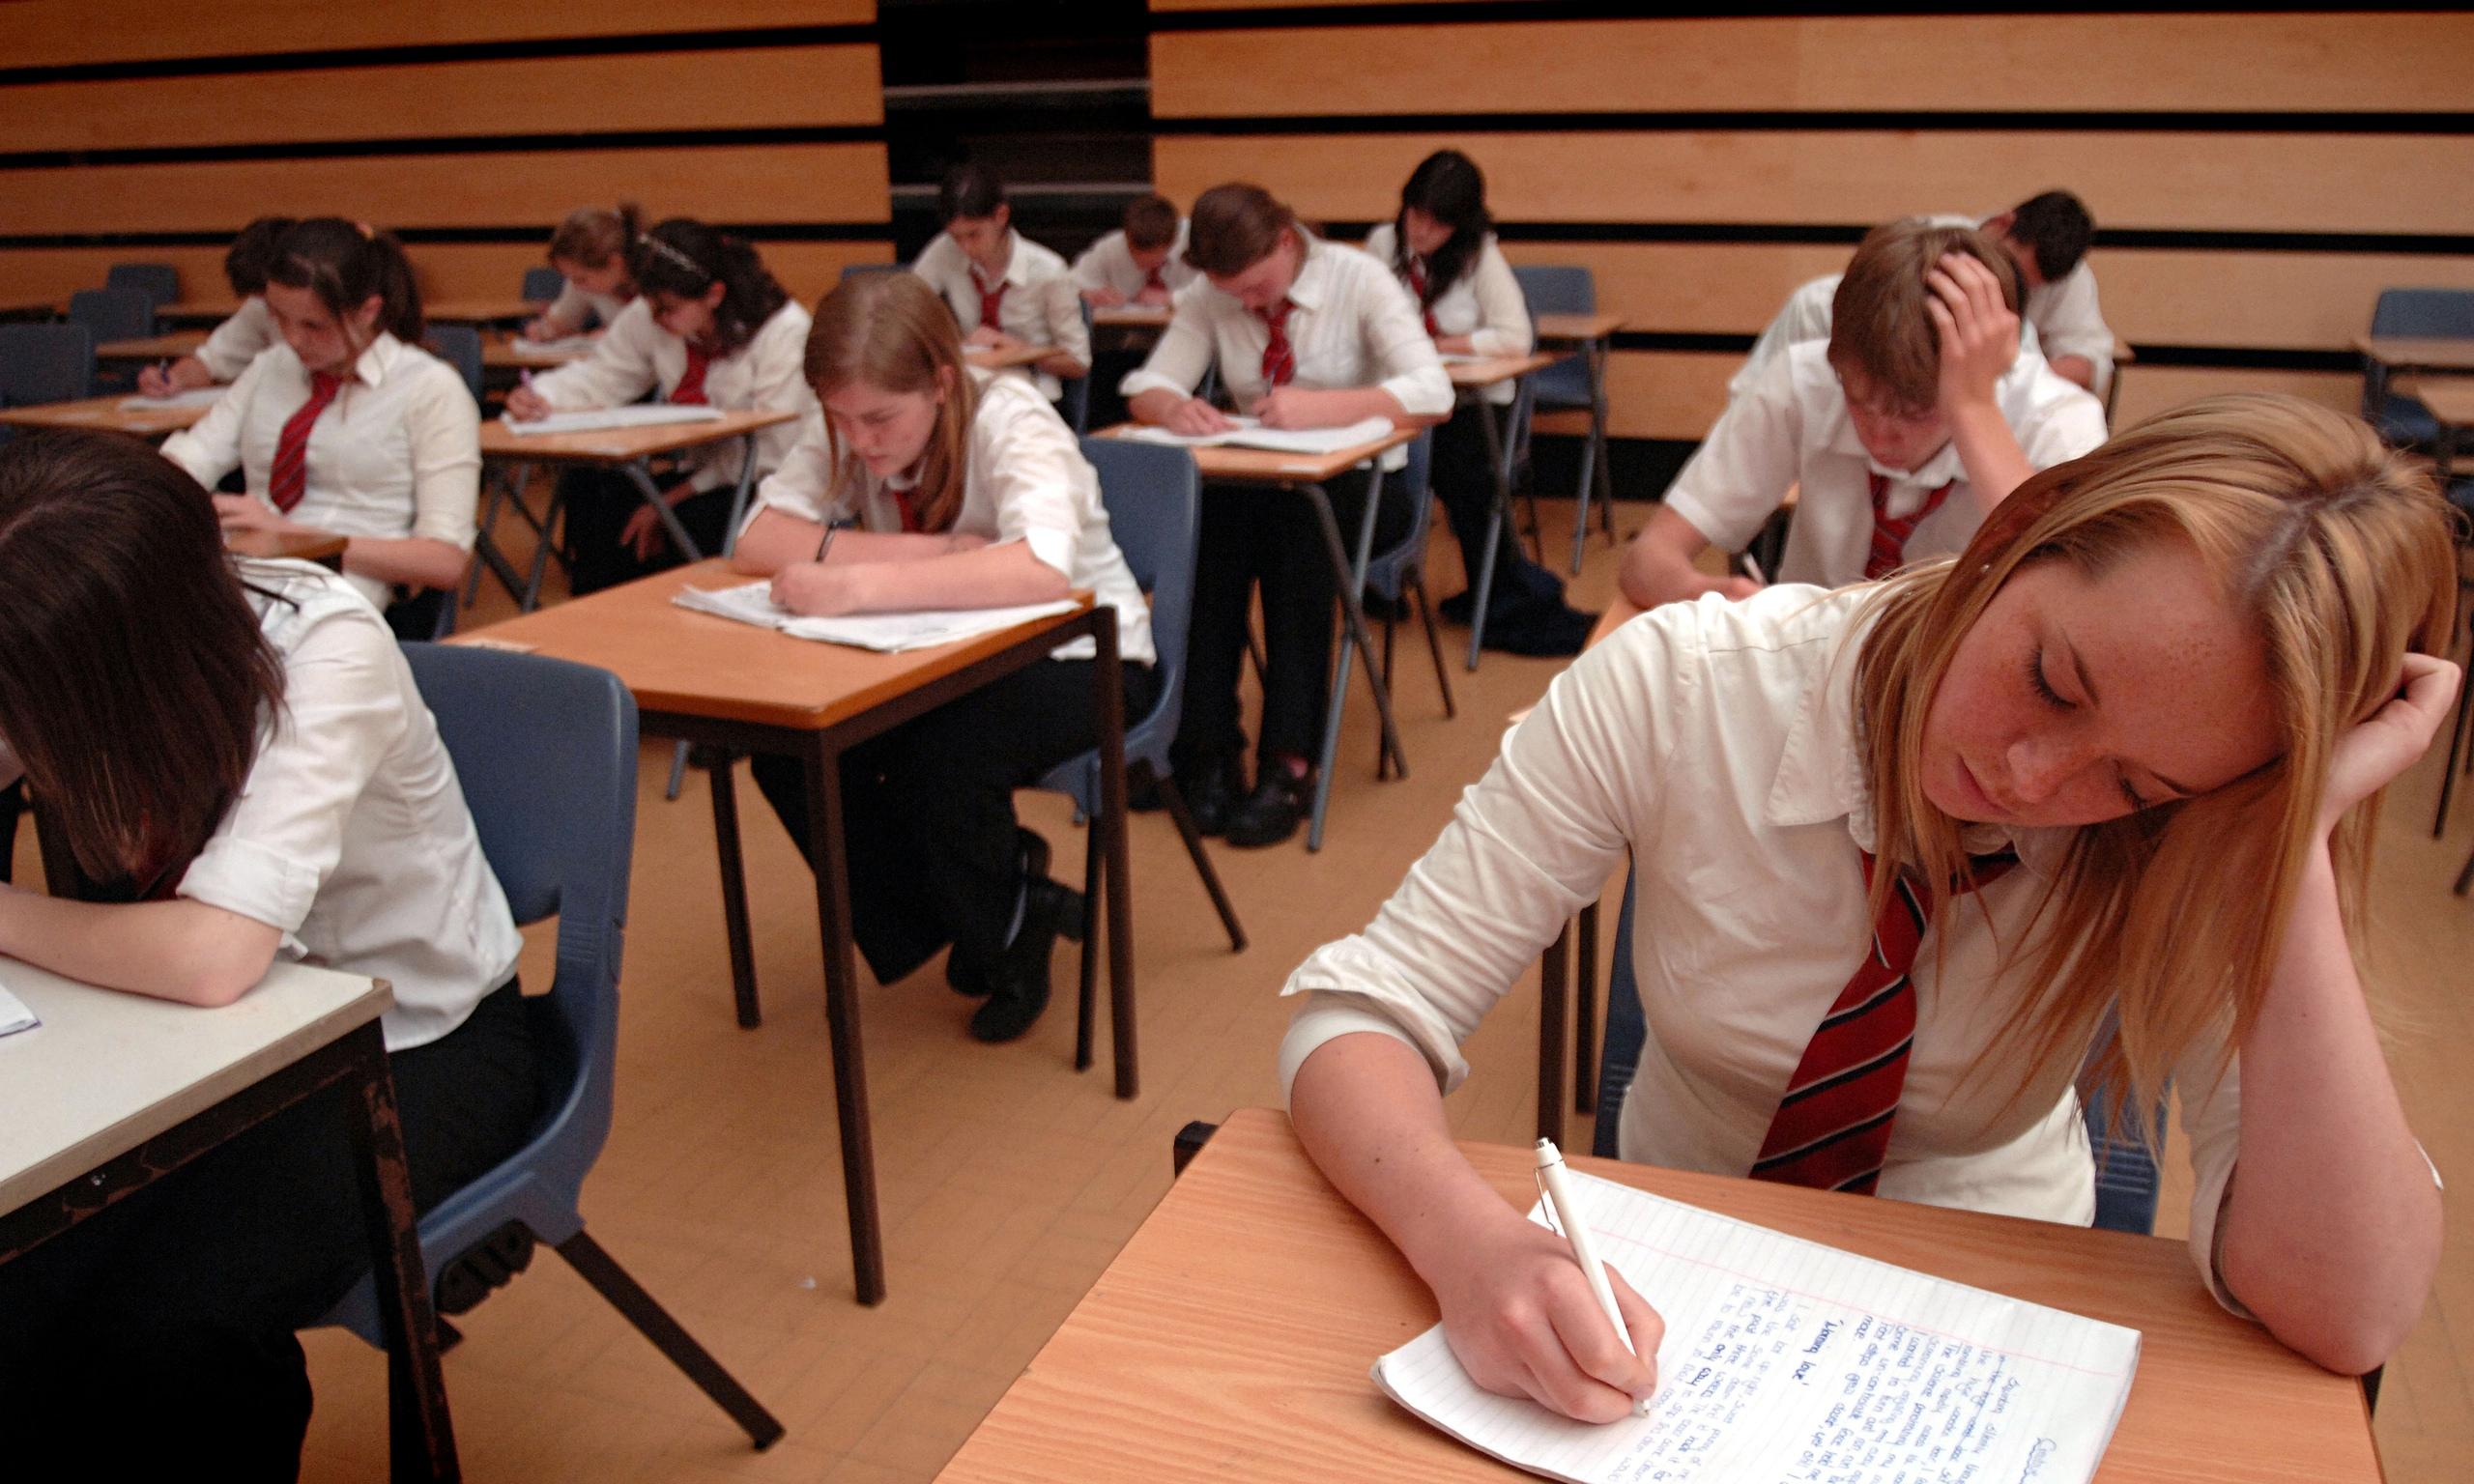 Студентки сдают экзамен 12 фотография